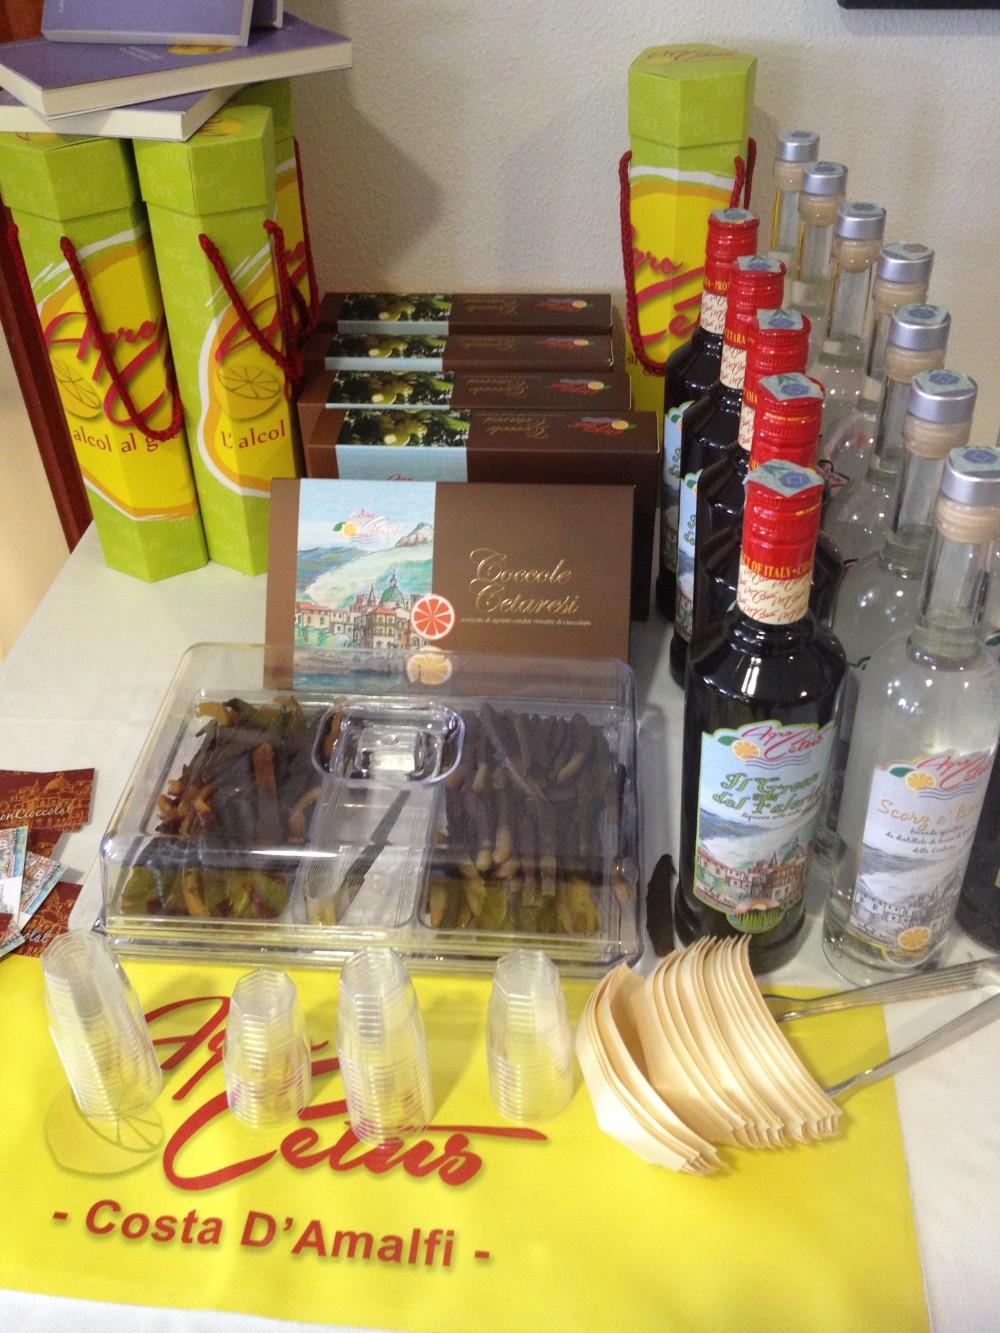 Premio gastronomico Ezio Falcone, aziedna di liquori